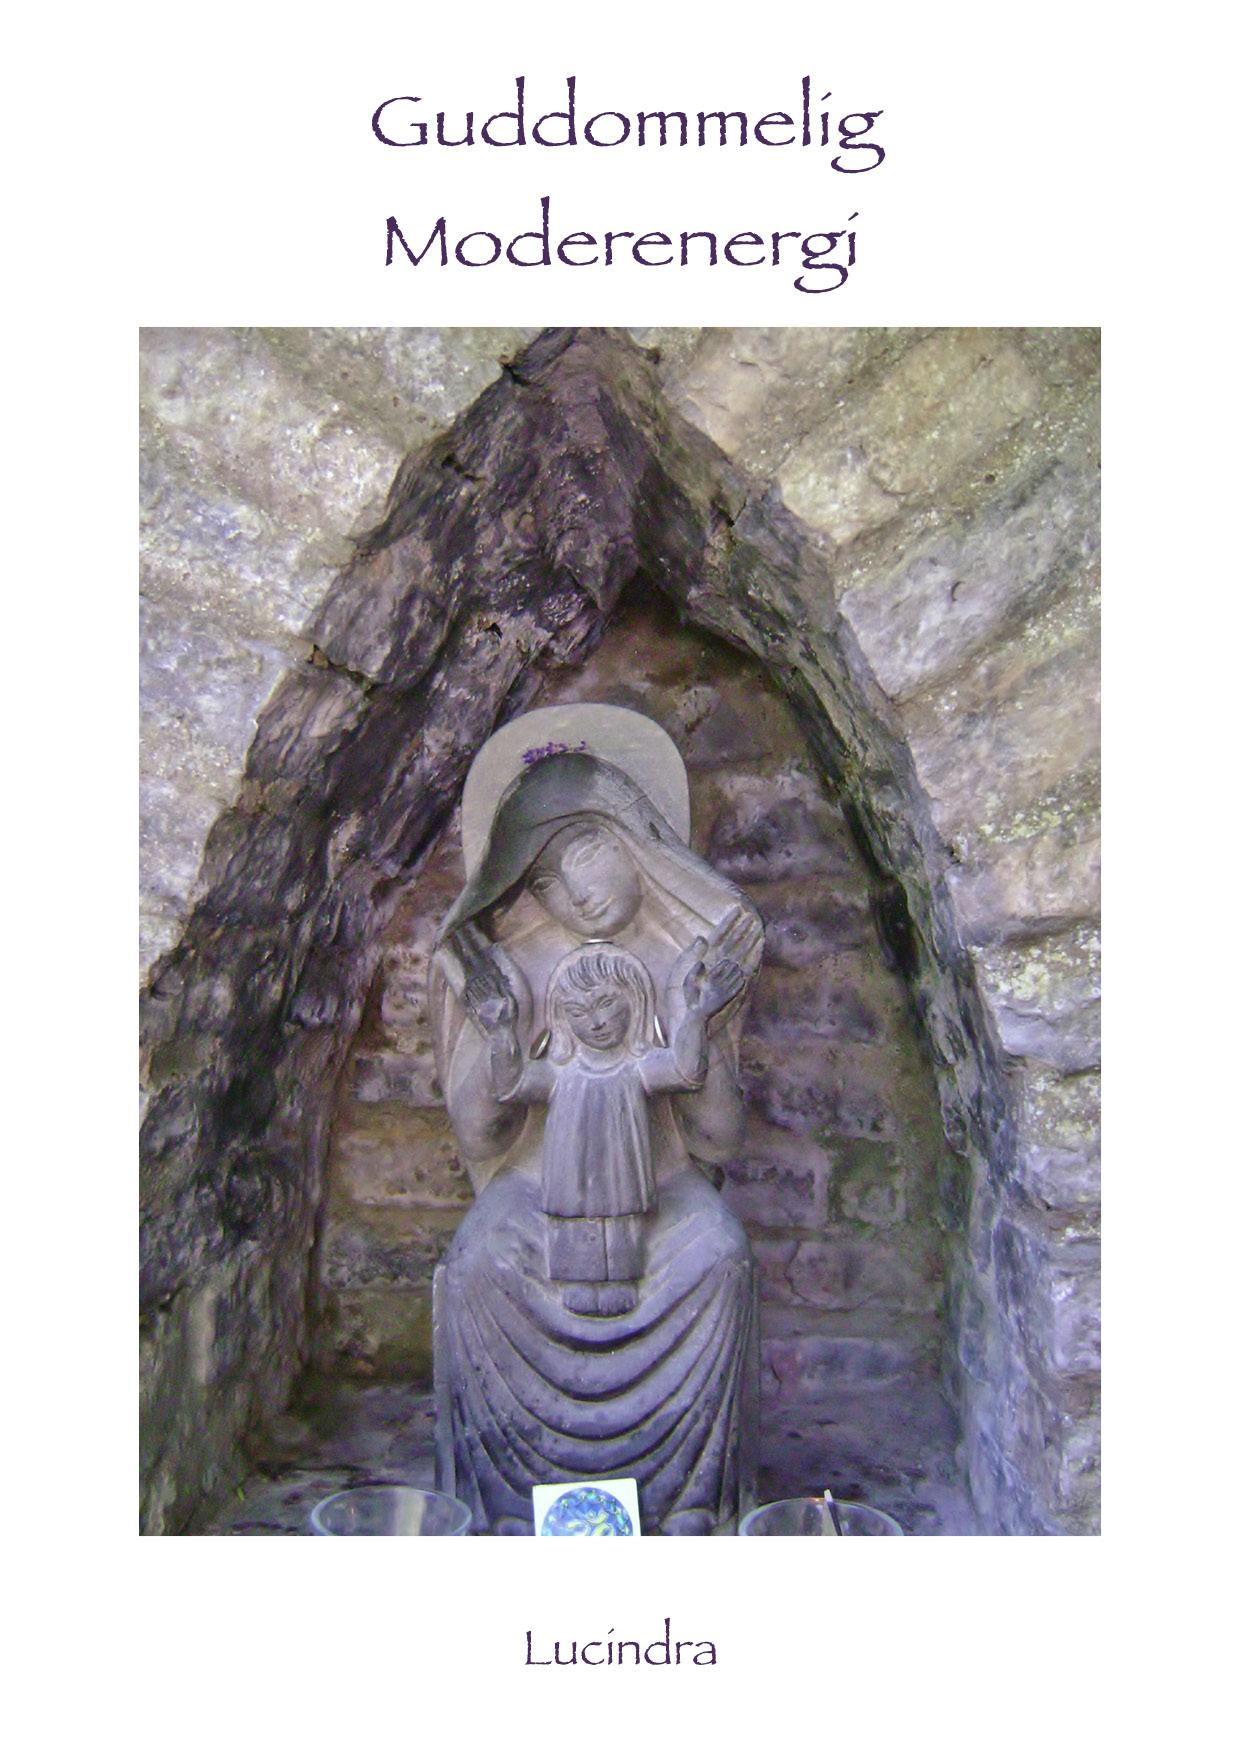 Guddommelig Moderenergi - E-bog